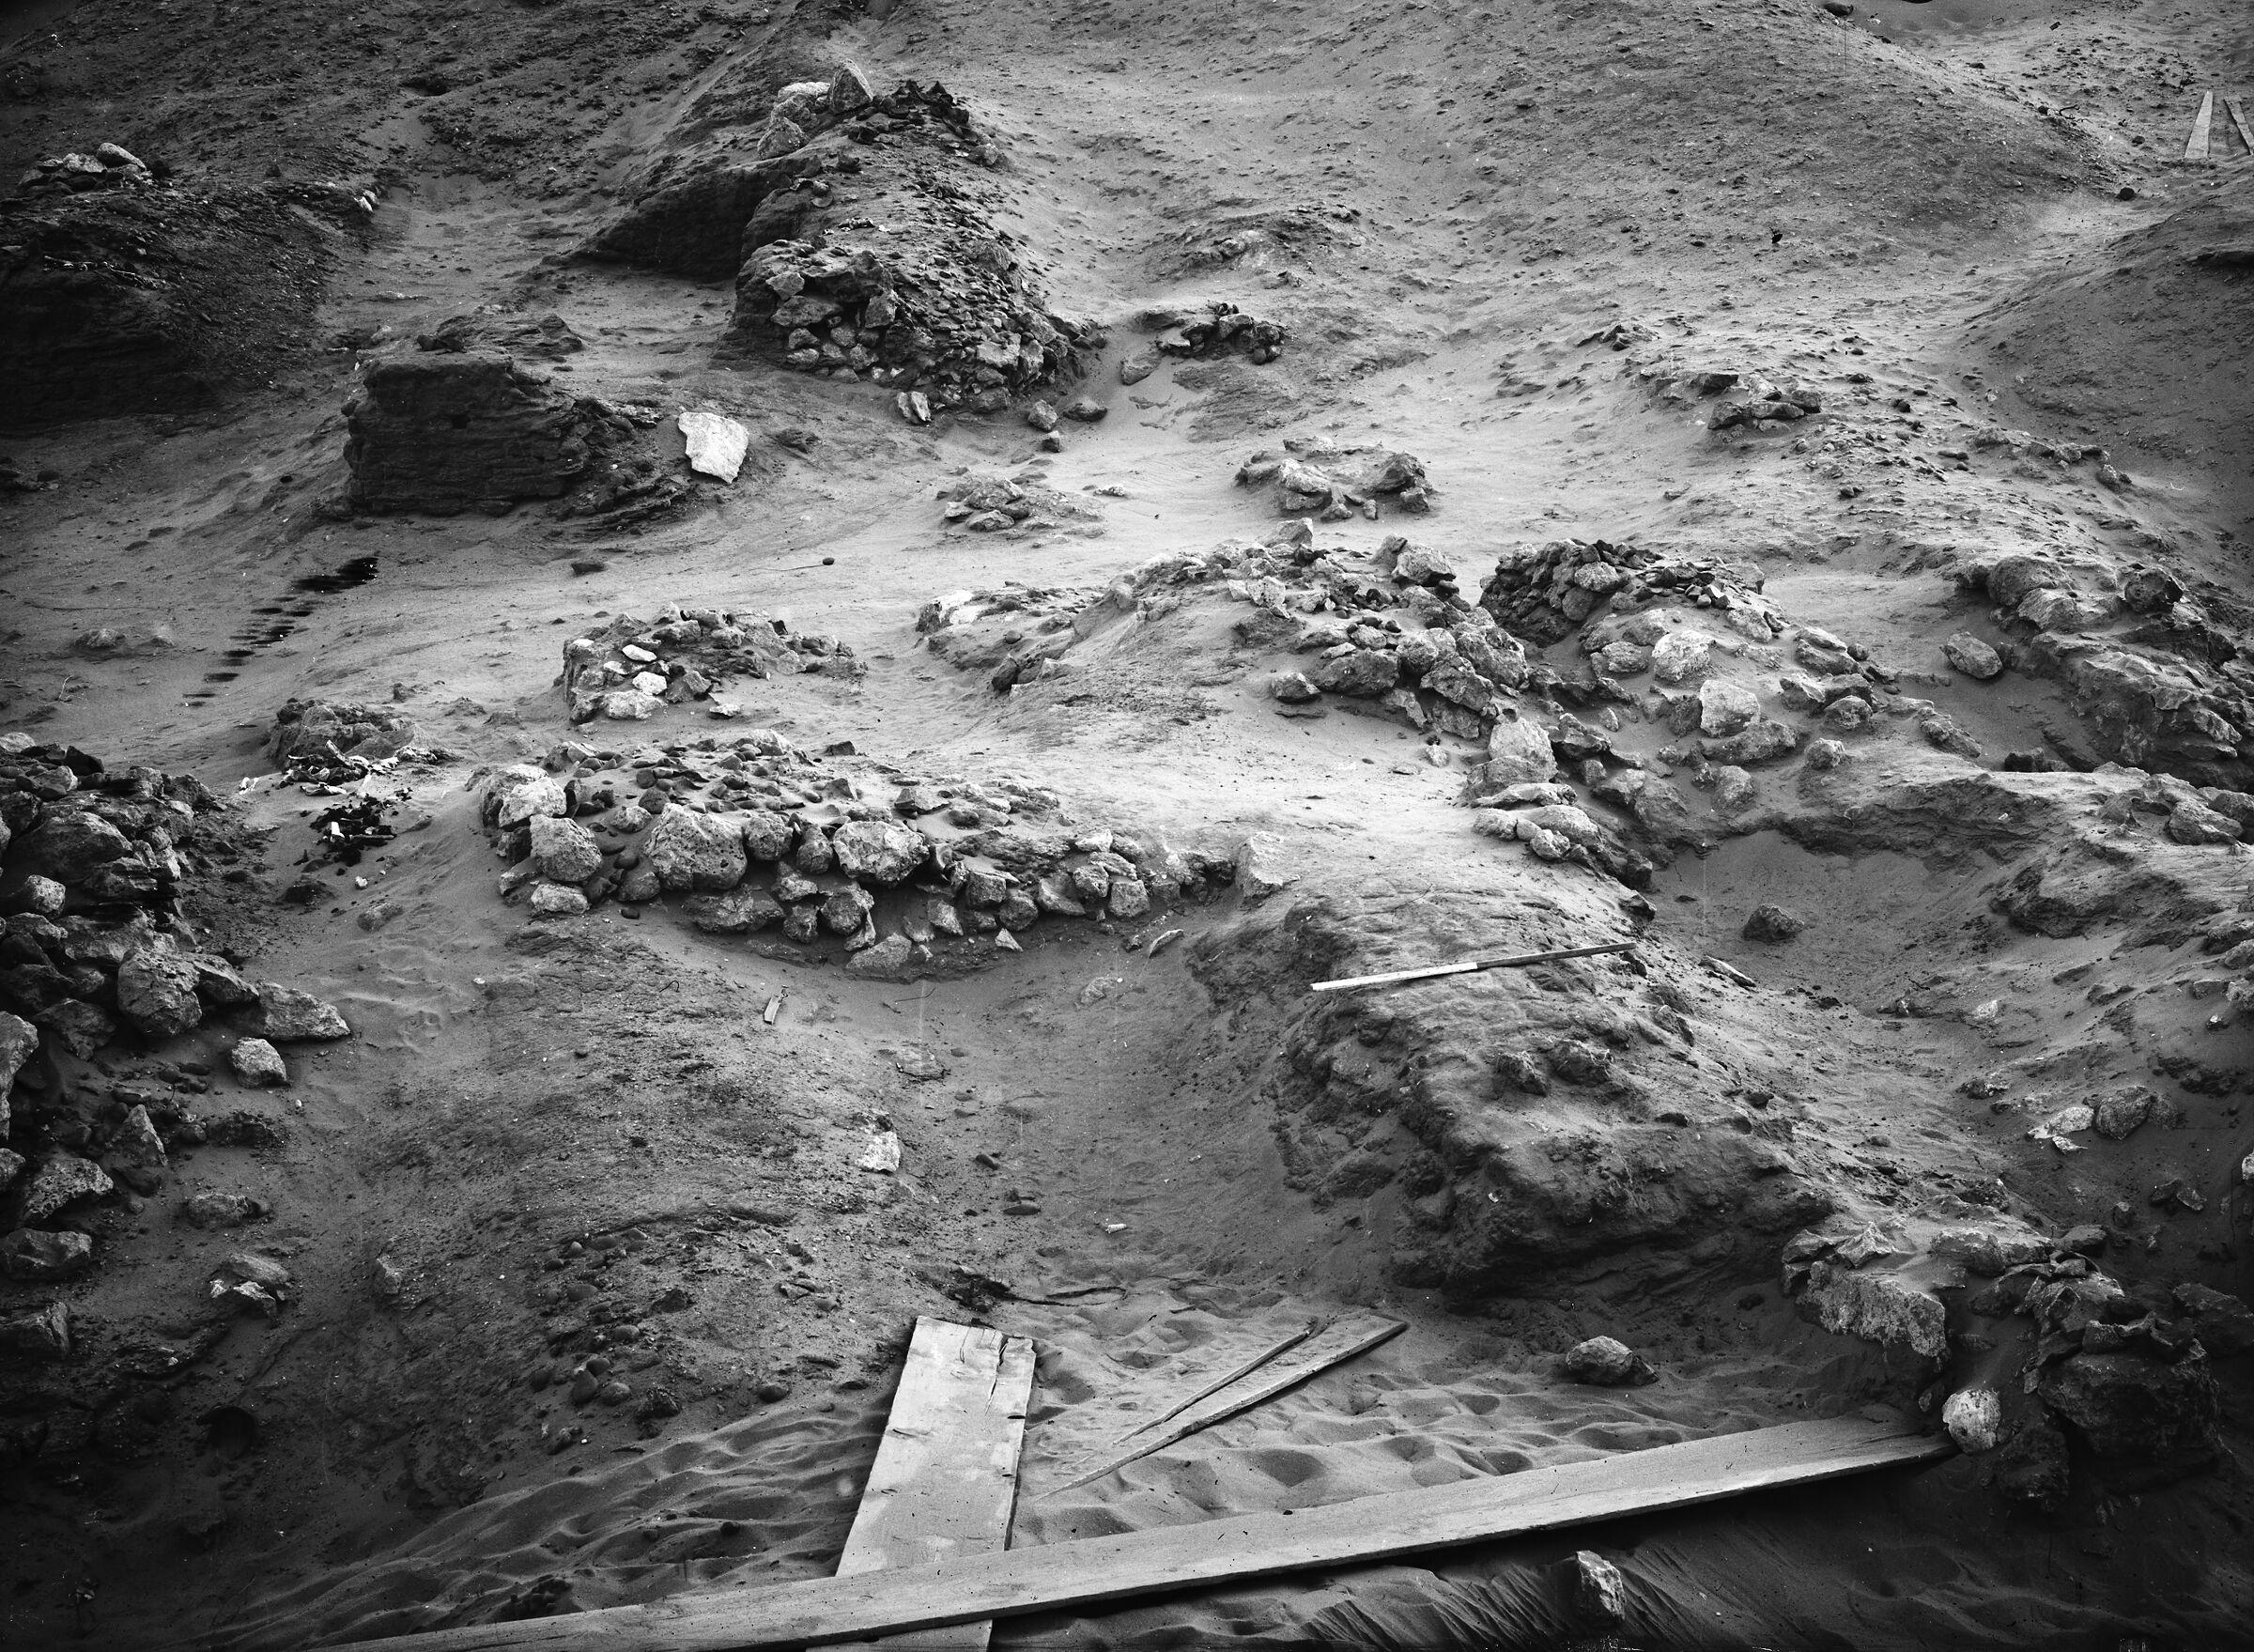 Wadi Cemetery (Reisner; north of W. Cem): Site: Giza; View: GW 16, GW 31, GW 32, GW 33, GW 34, GW 35